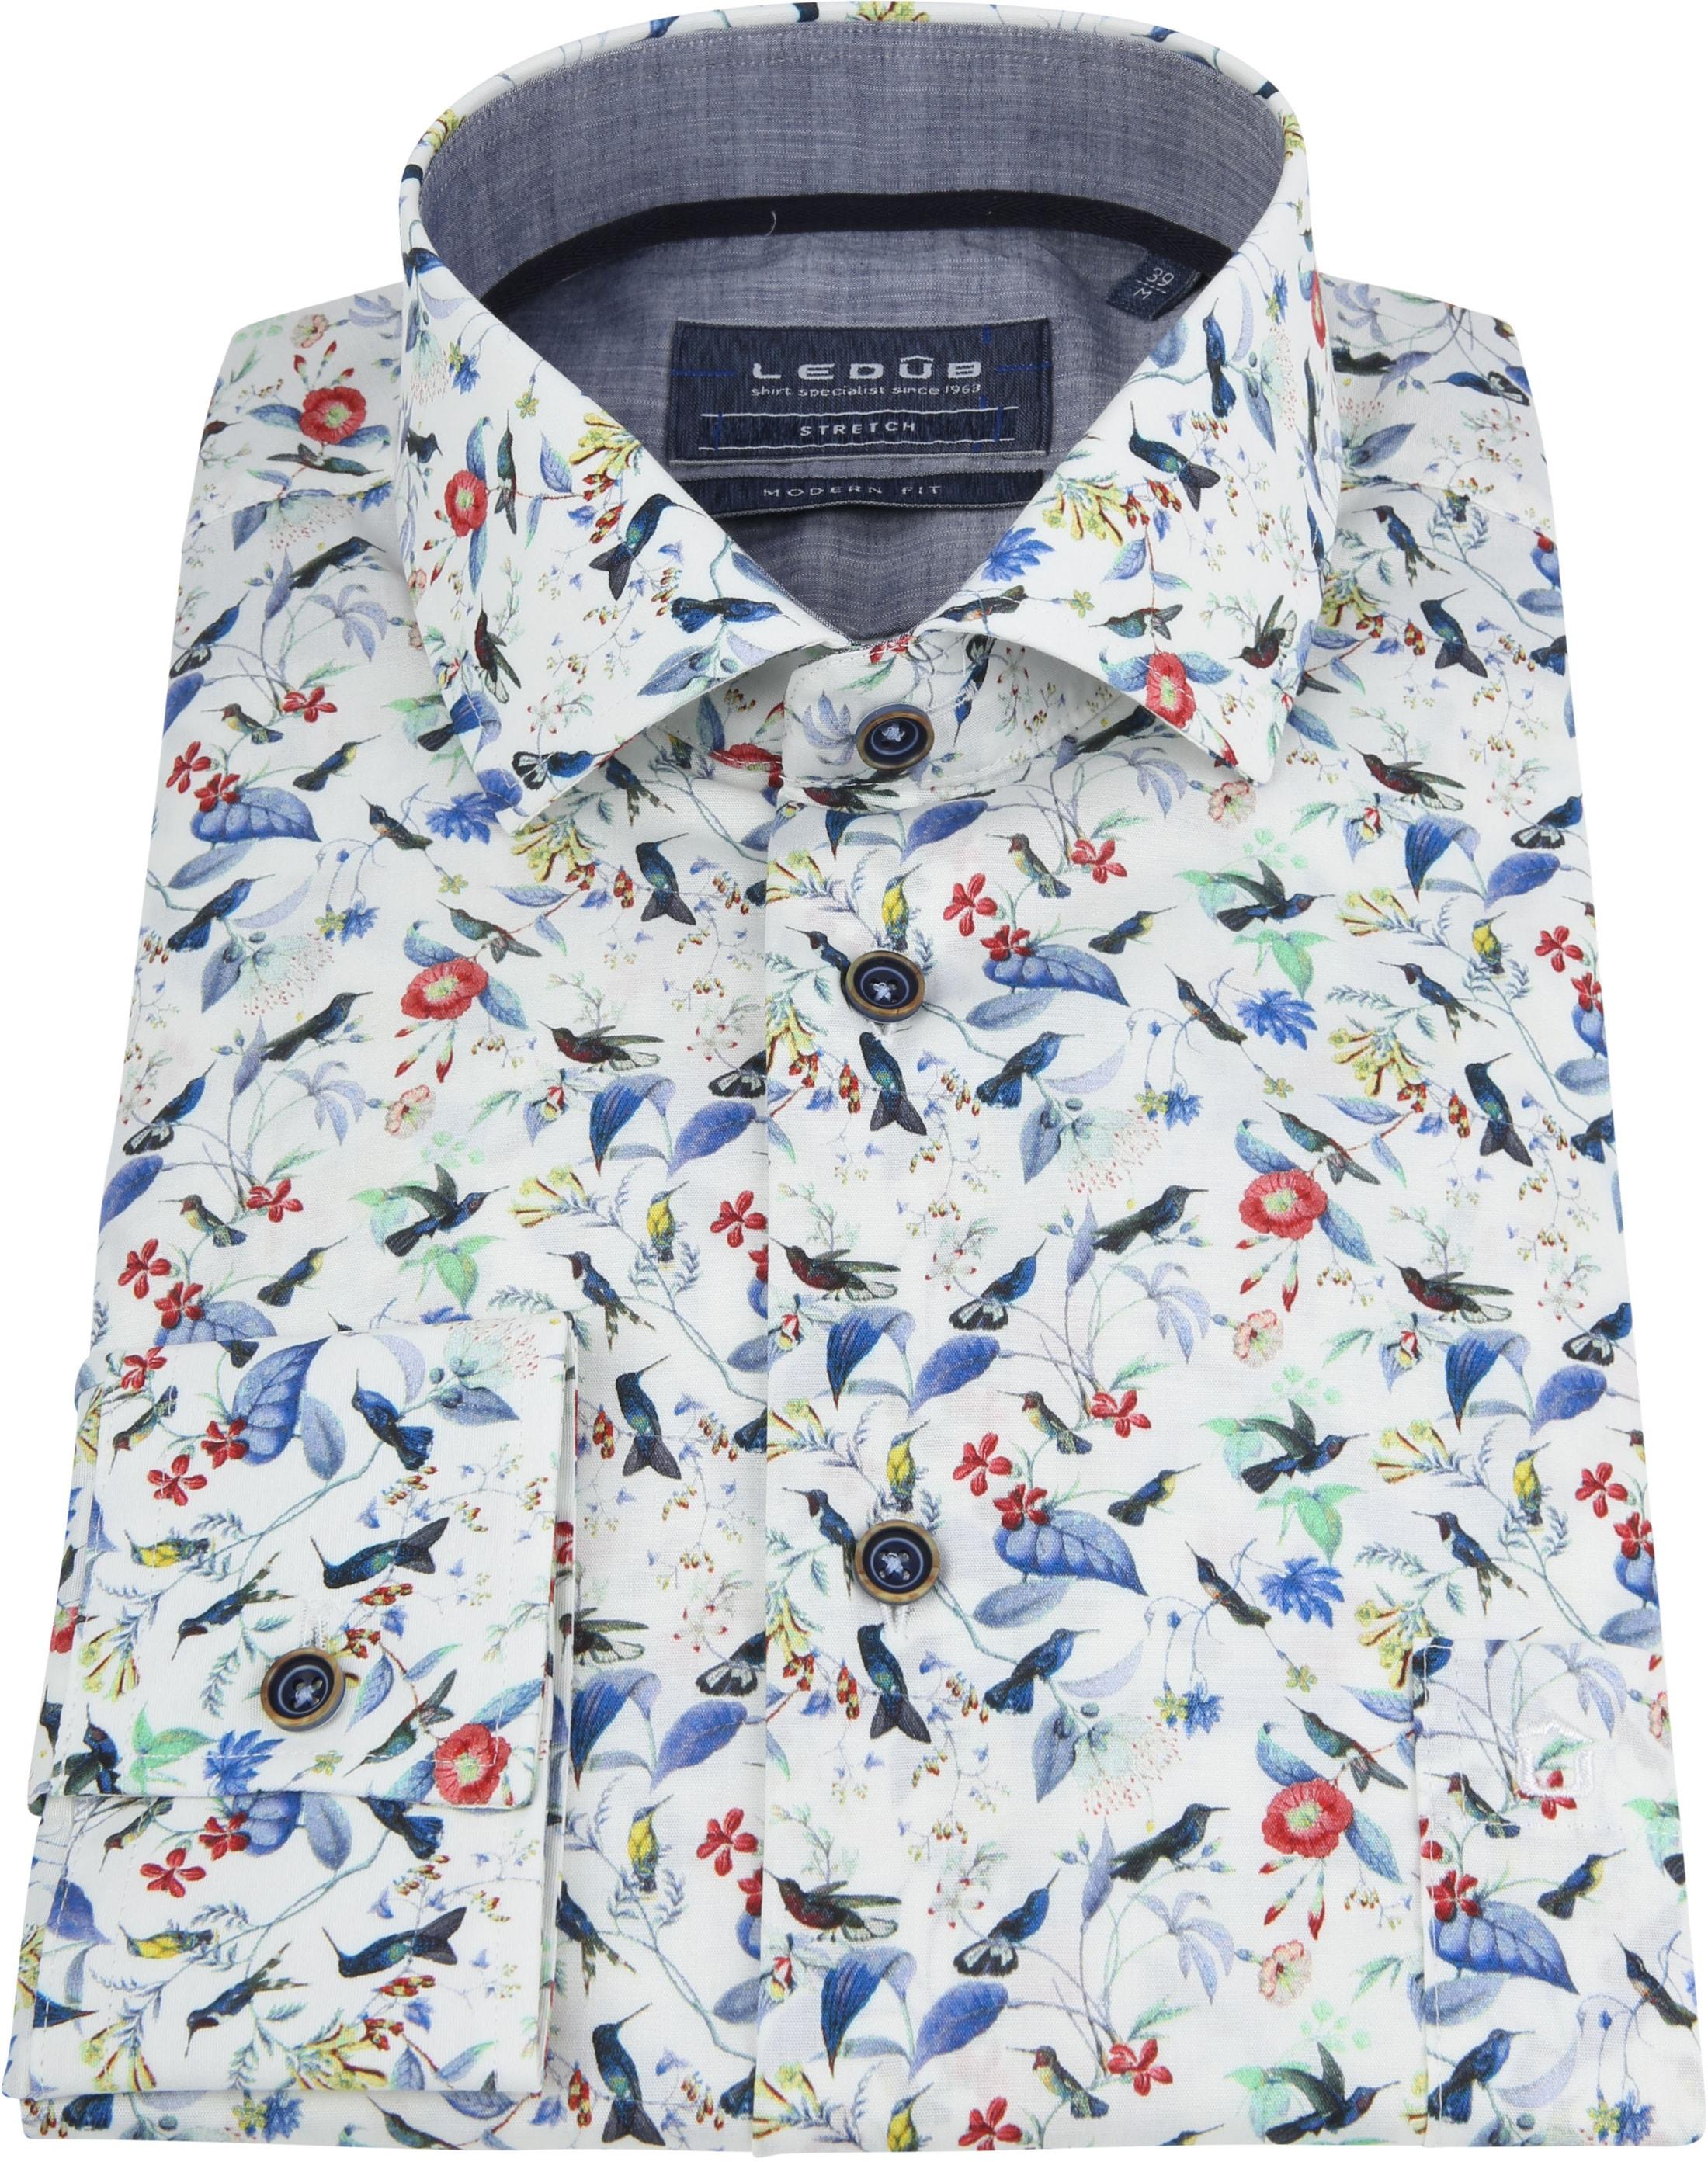 Ledub Overhemd MF Bloem foto 2